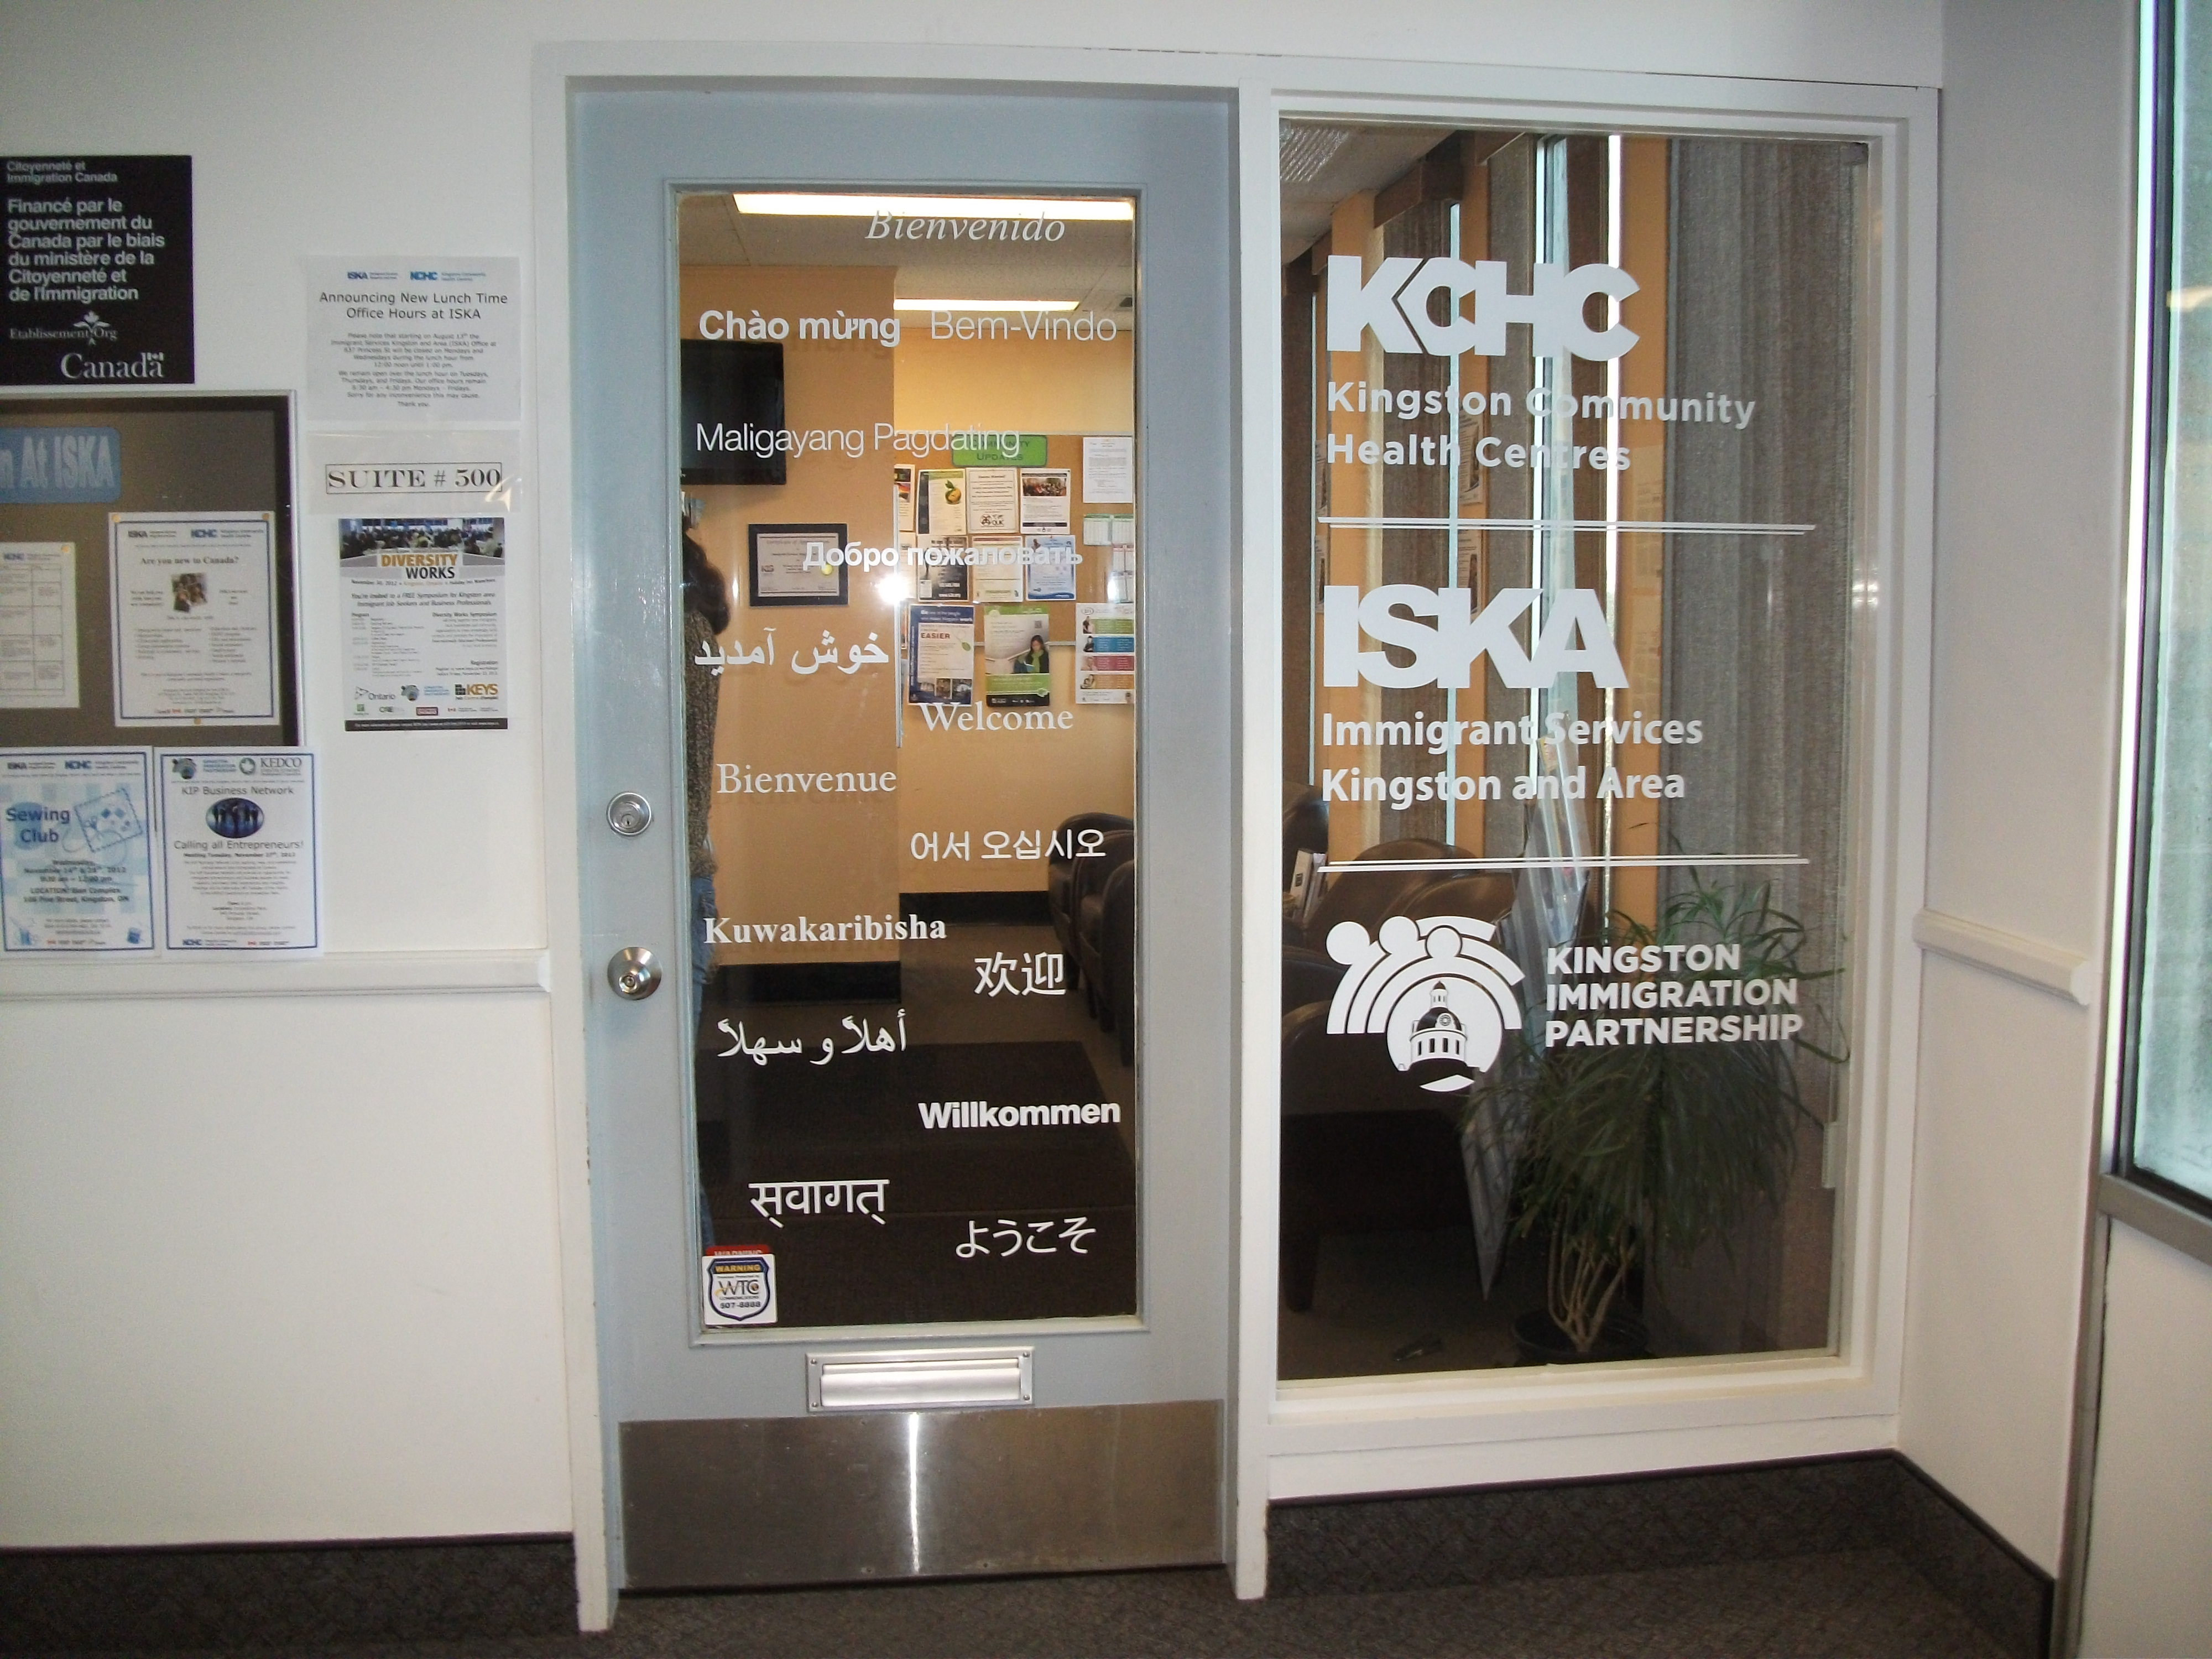 KCHC store front